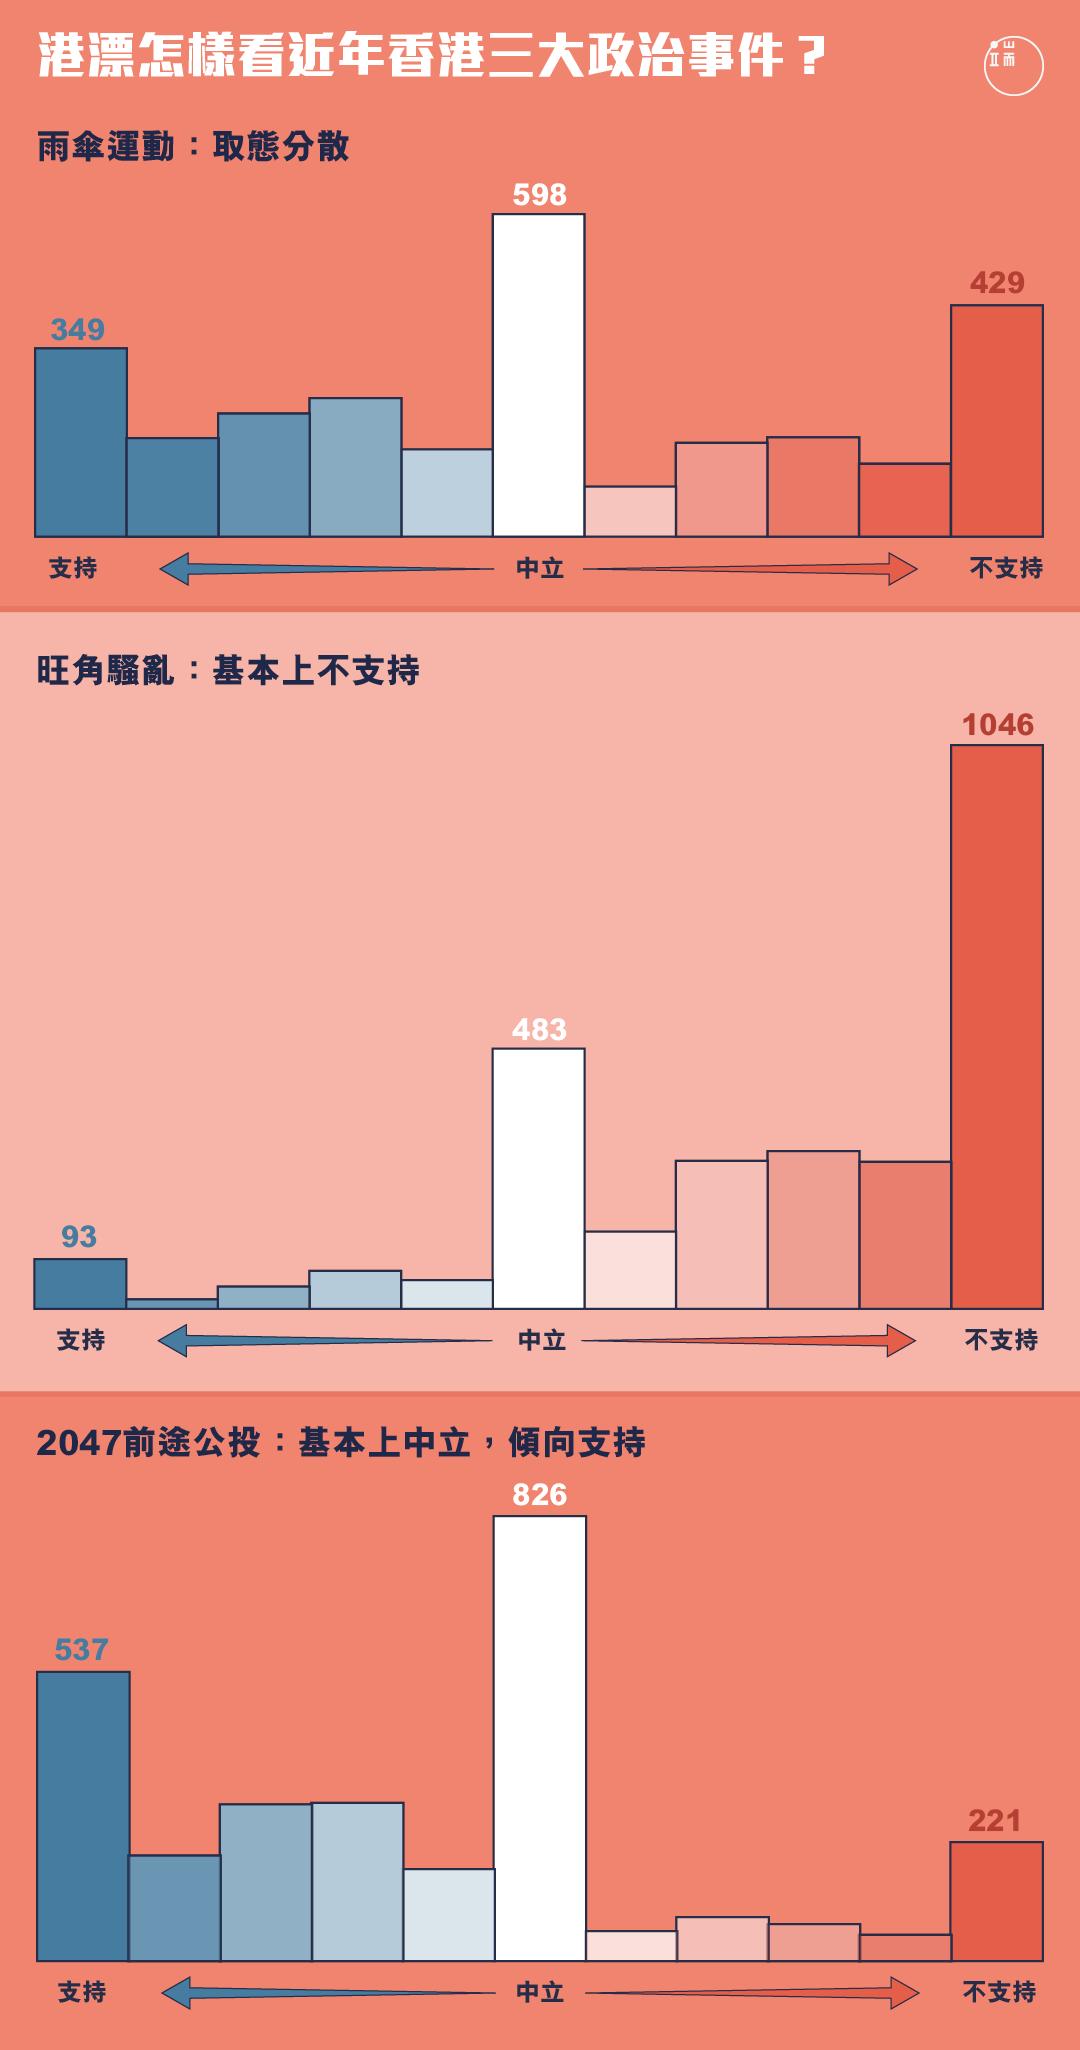 2014年雨傘運動、2016年旺角騷亂、2047年後前途公投,港漂怎樣看?